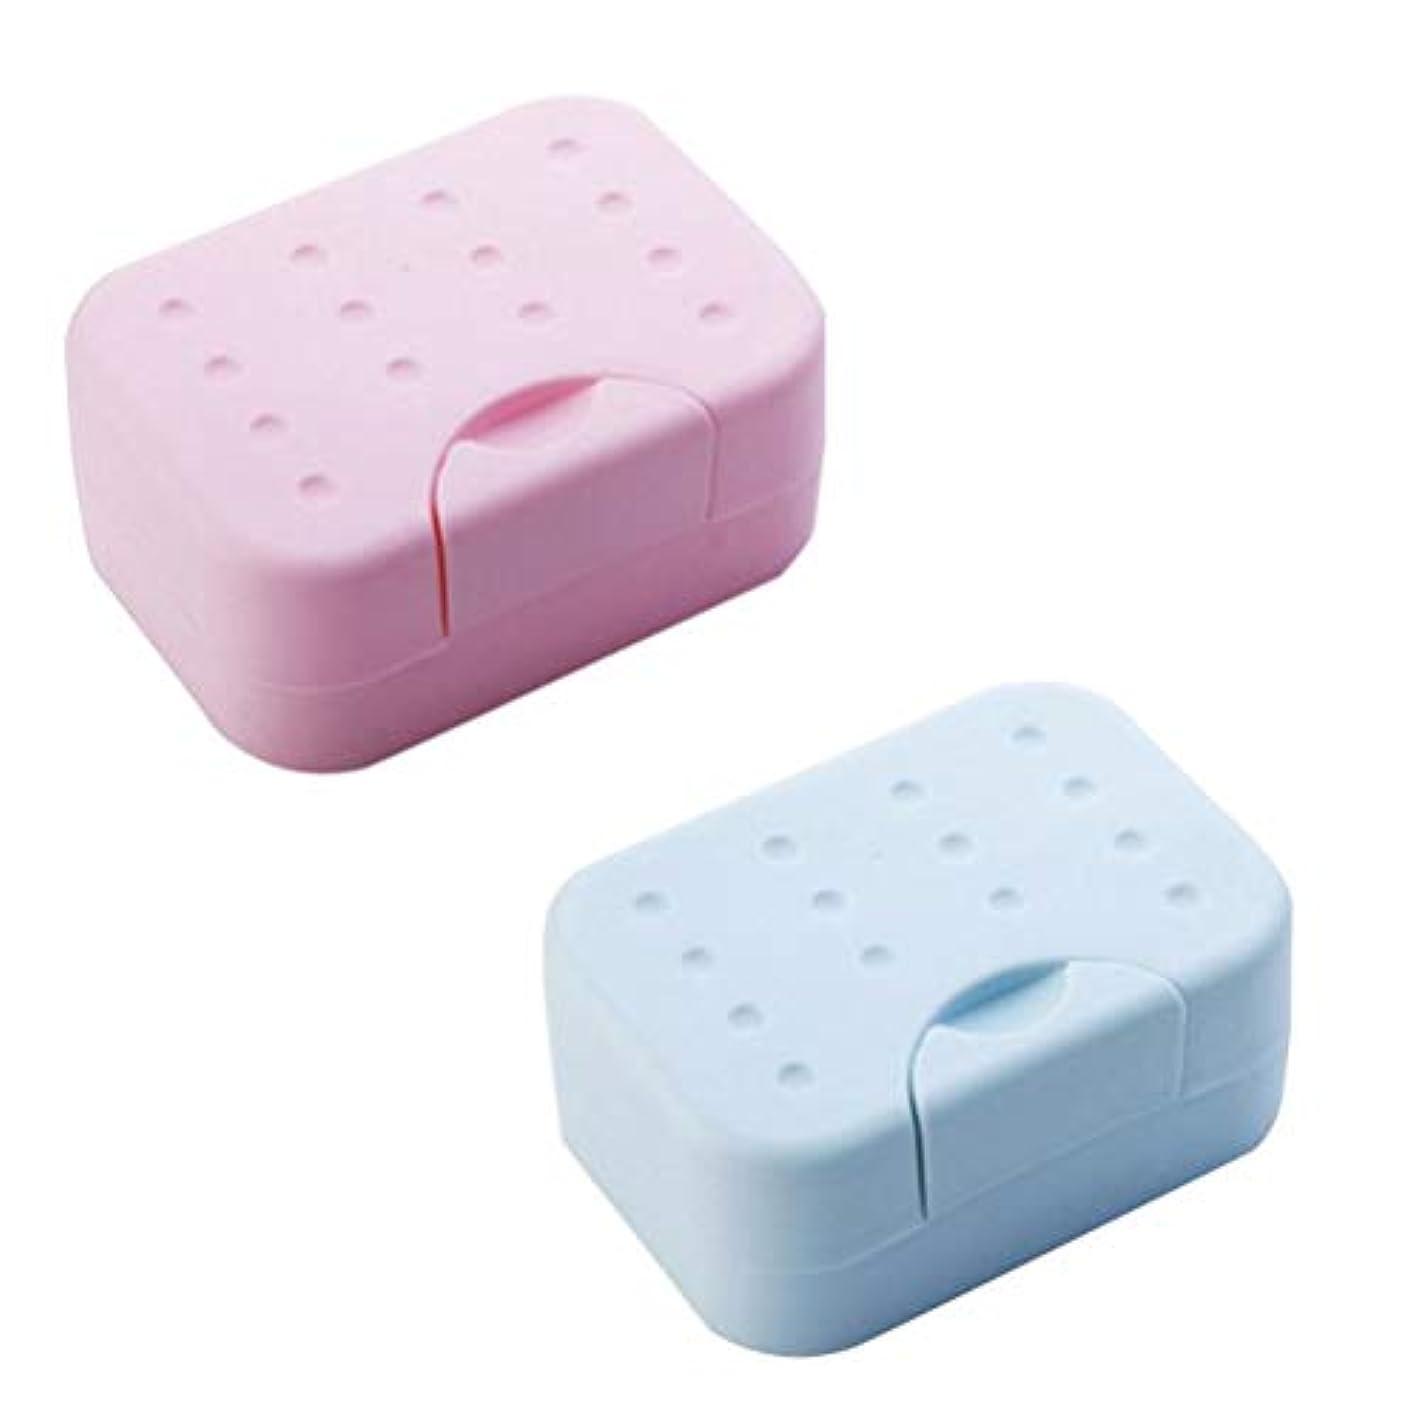 国際こんにちはホラーHealifty 2PC石鹸容器旅行石鹸ボックス石けんケース耐久性プラスチック防水飲料水スポンジ石鹸キャビネットのための食器ホルダーホームバスルーム(赤と青)